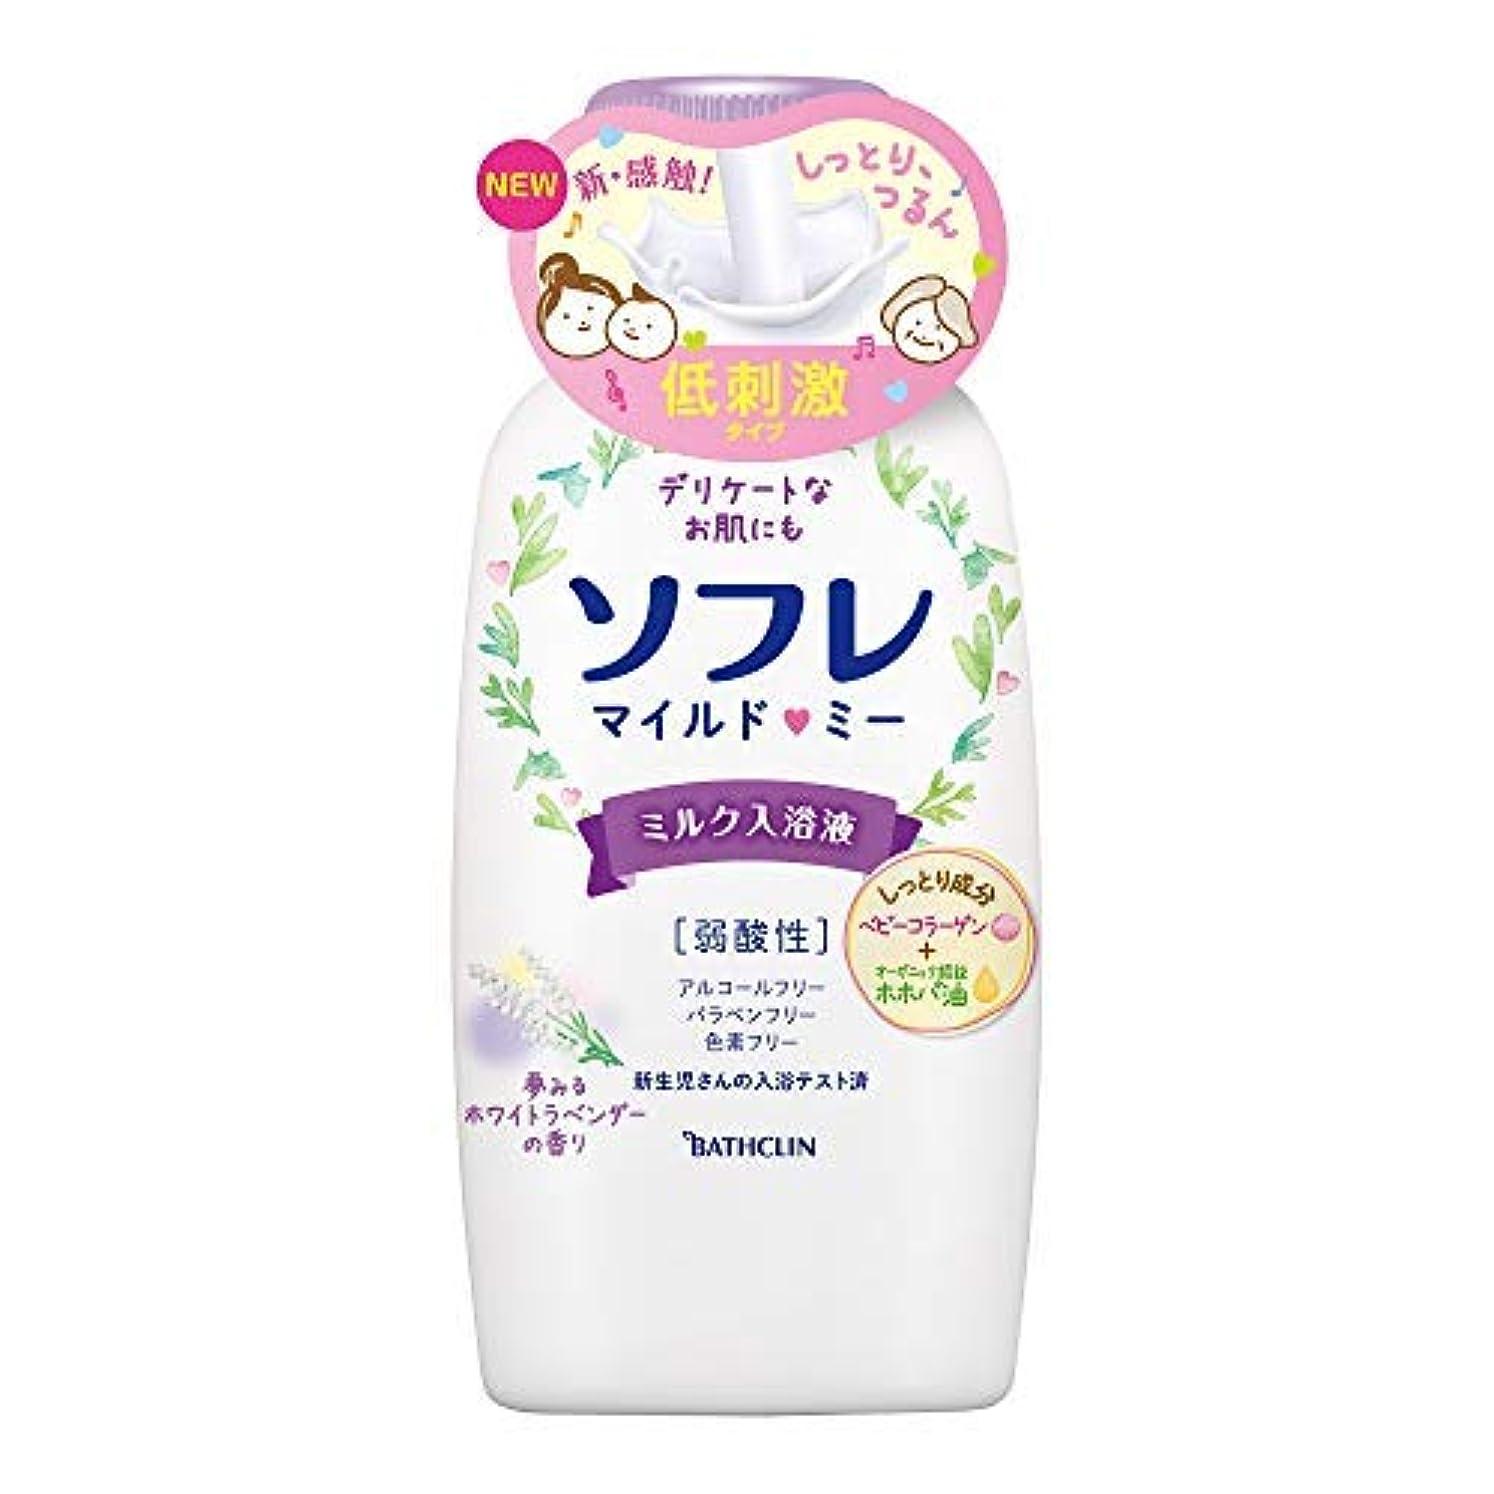 長くする拮抗ポジティブソフレ マイルド・ミー ミルク入浴液 夢みるホワイトラベンダーの香り 720mL × 12個セット